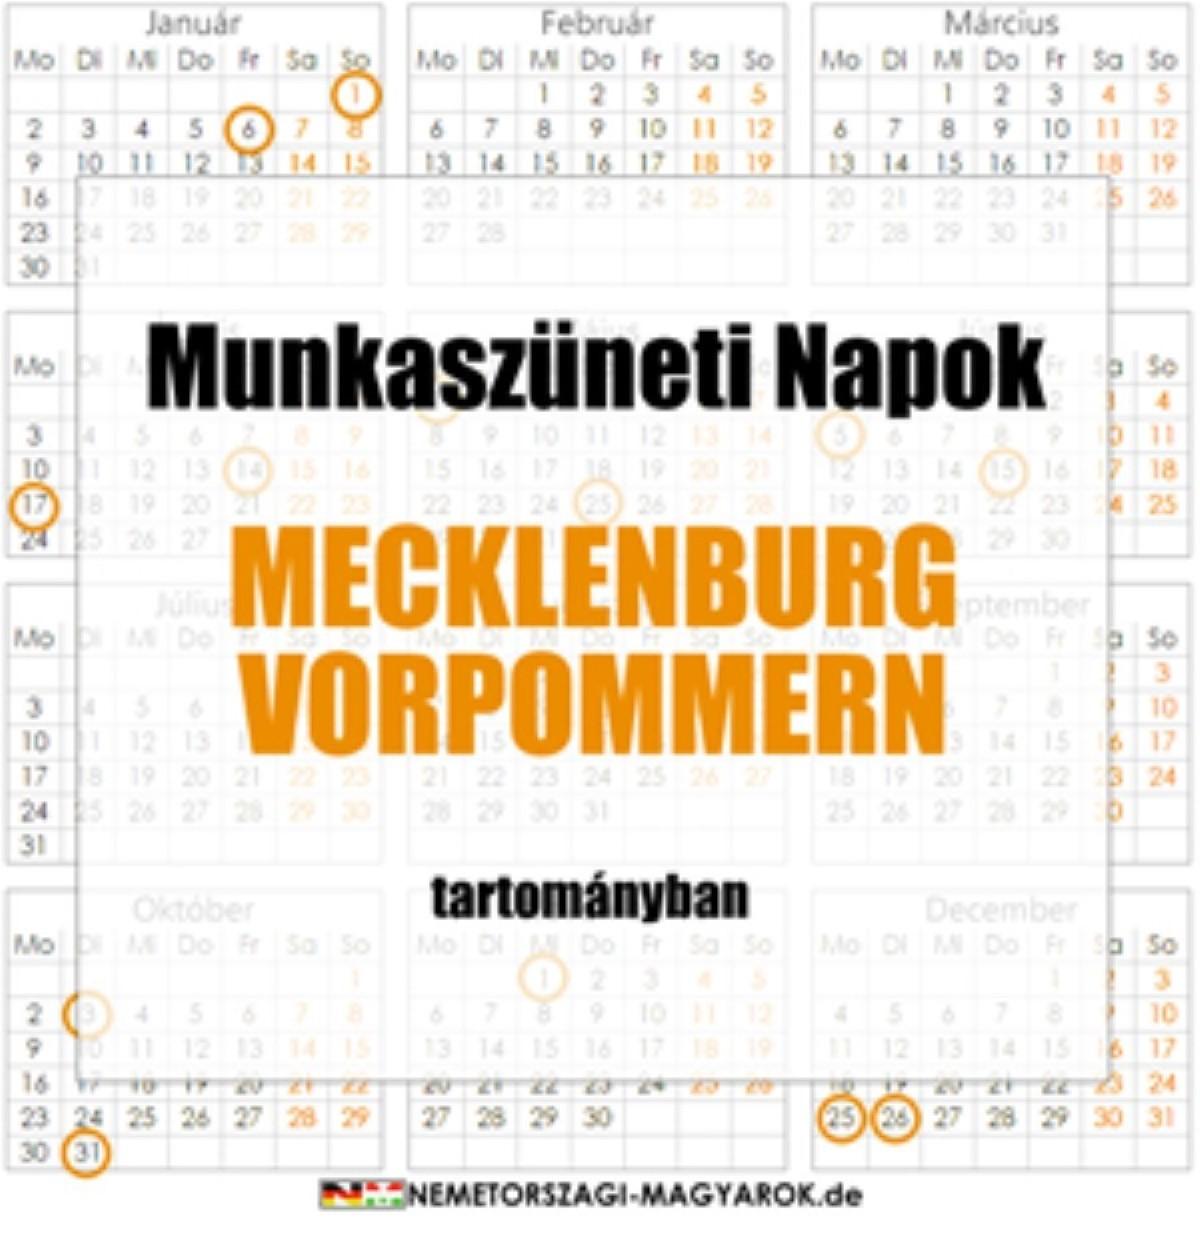 ingyenes társkereső mecklenburg vorpommern